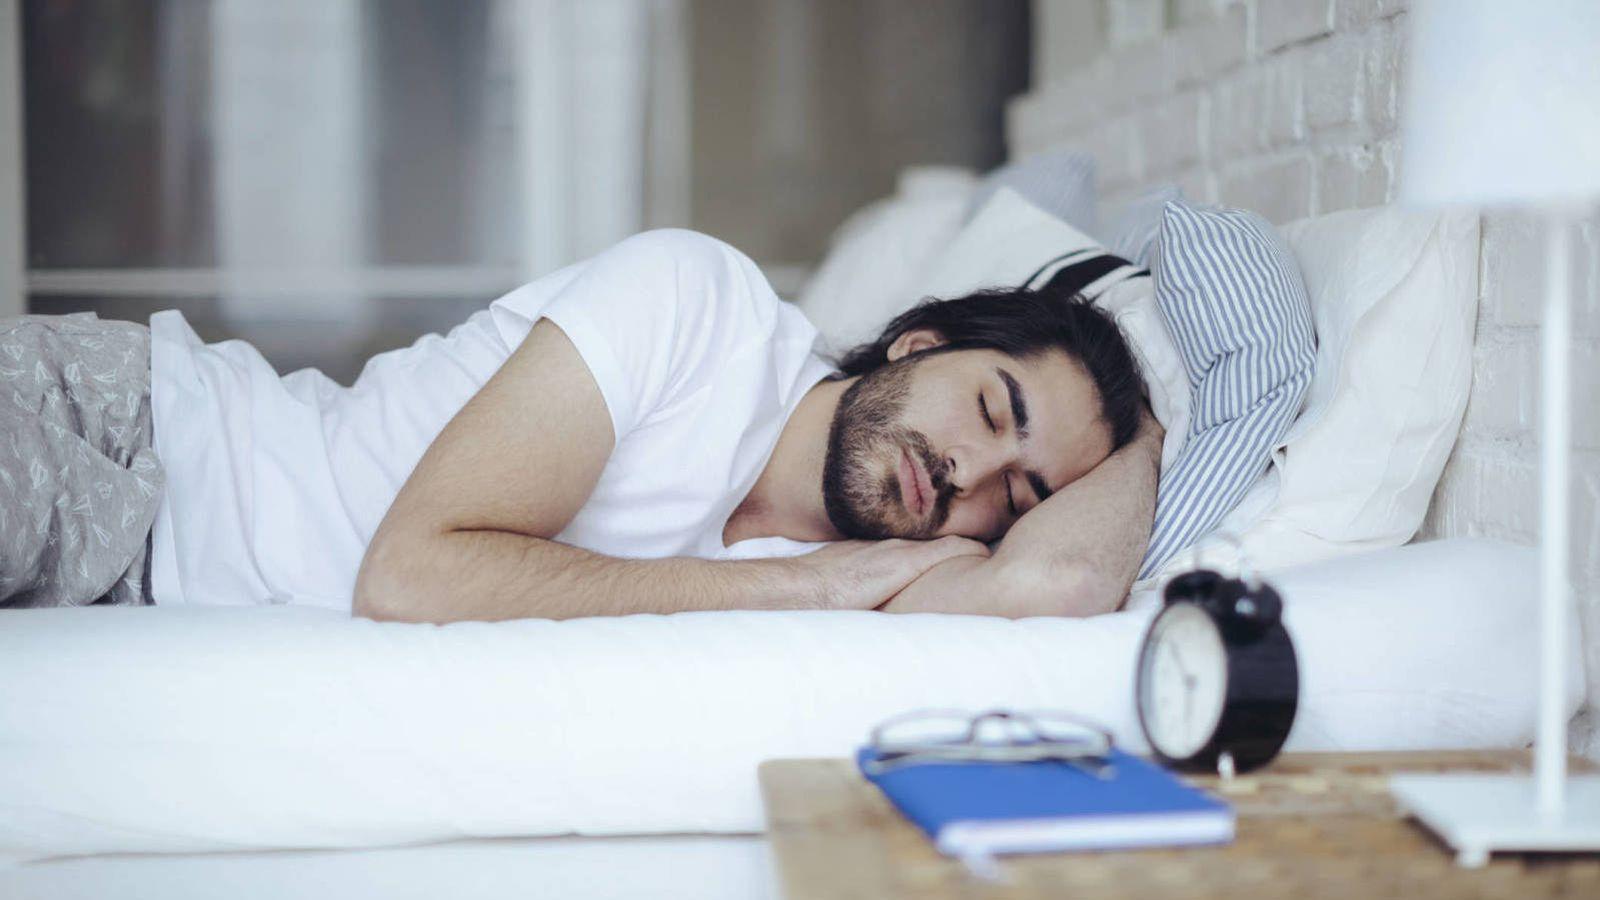 Insomnio: Por qué dormir ocho horas no es suficiente: hace falta un poco más